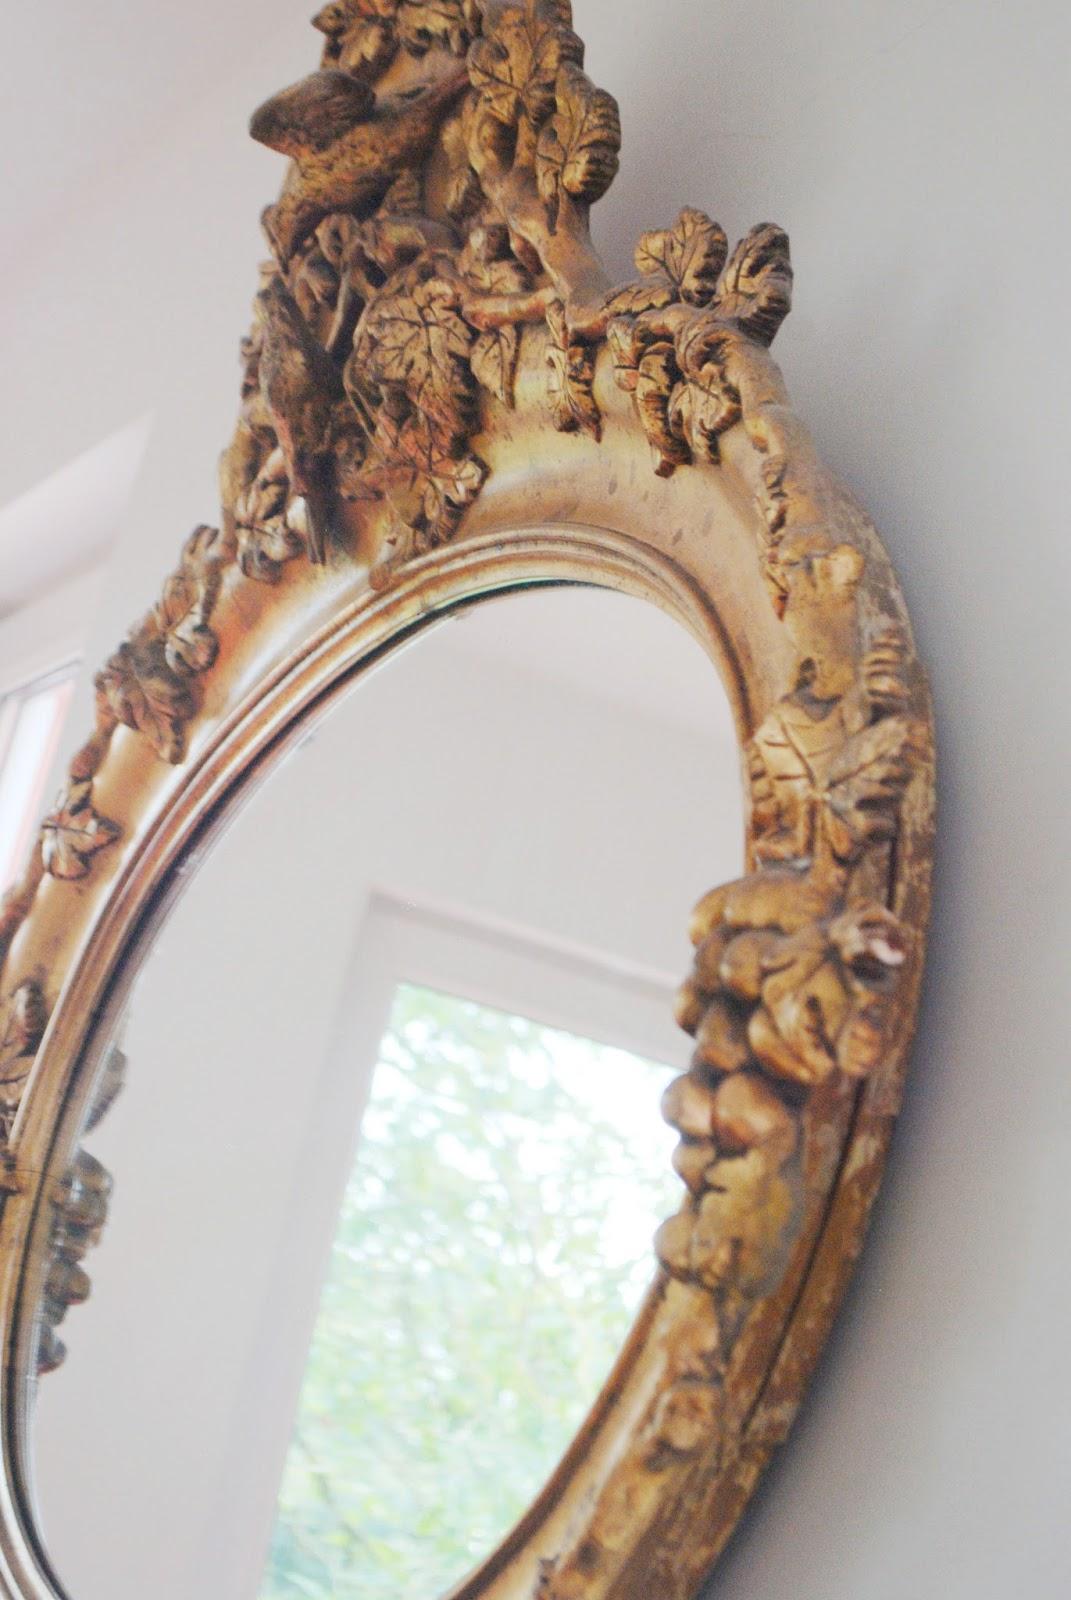 putzen spiegel reinigen iby lippold haushaltstipps. Black Bedroom Furniture Sets. Home Design Ideas